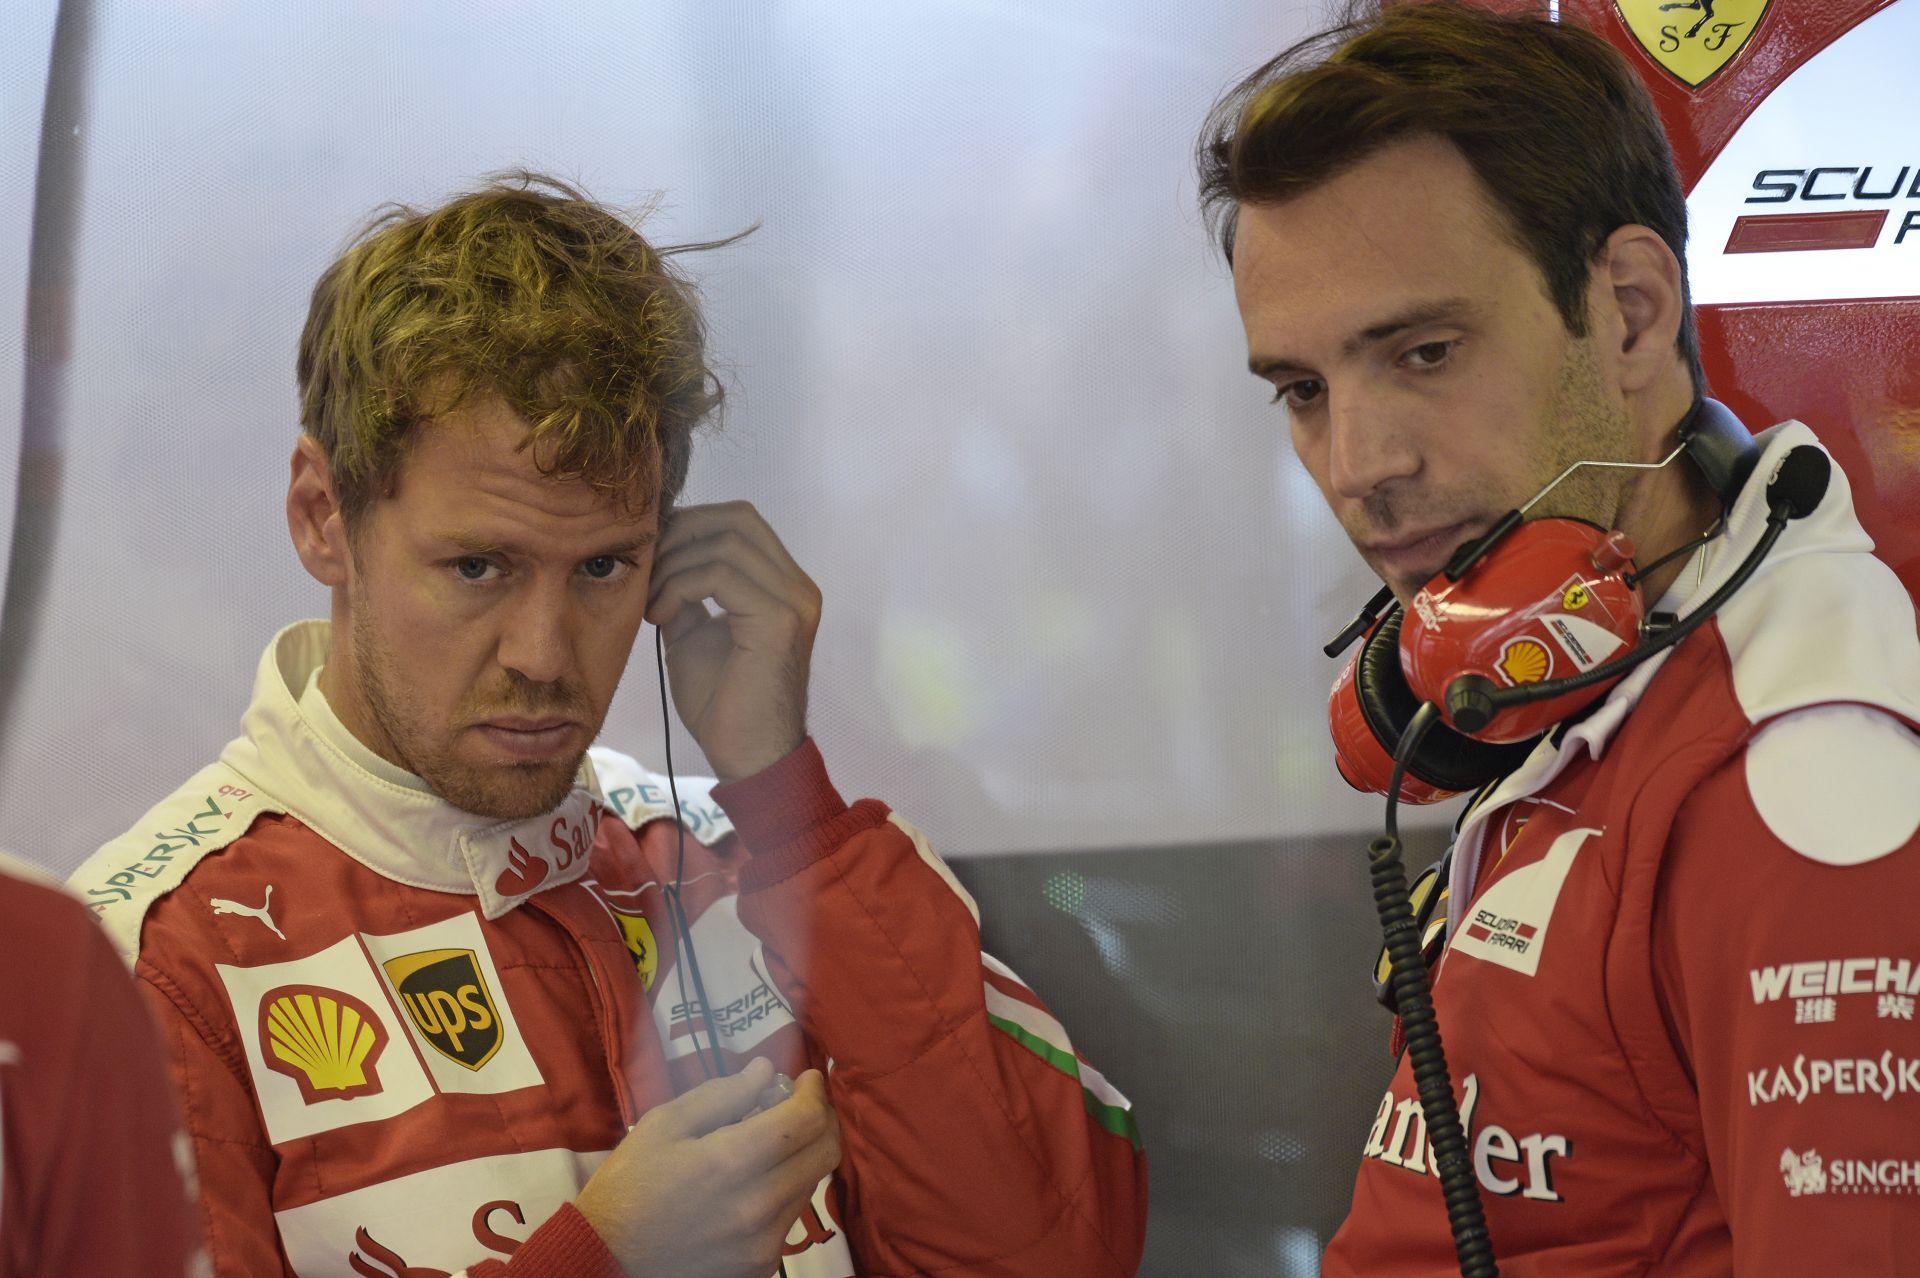 Egy kép, aminek Vettel jobban örült volna, ha nem kerül nyilvánosságra...